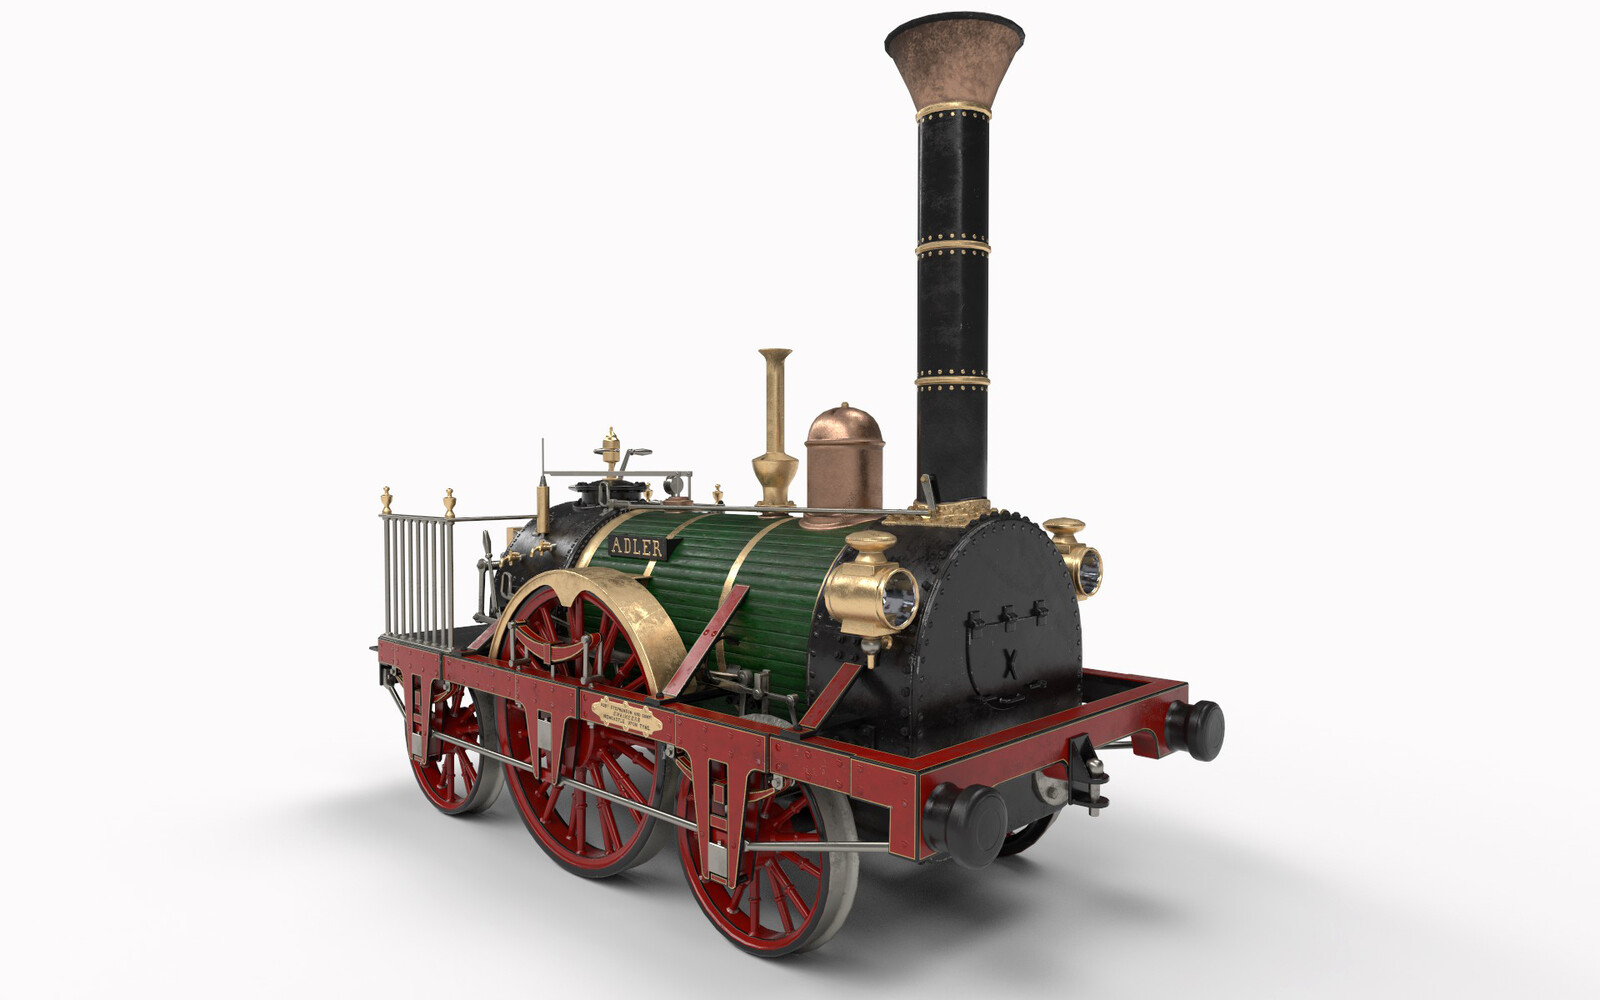 Adler (historical train)